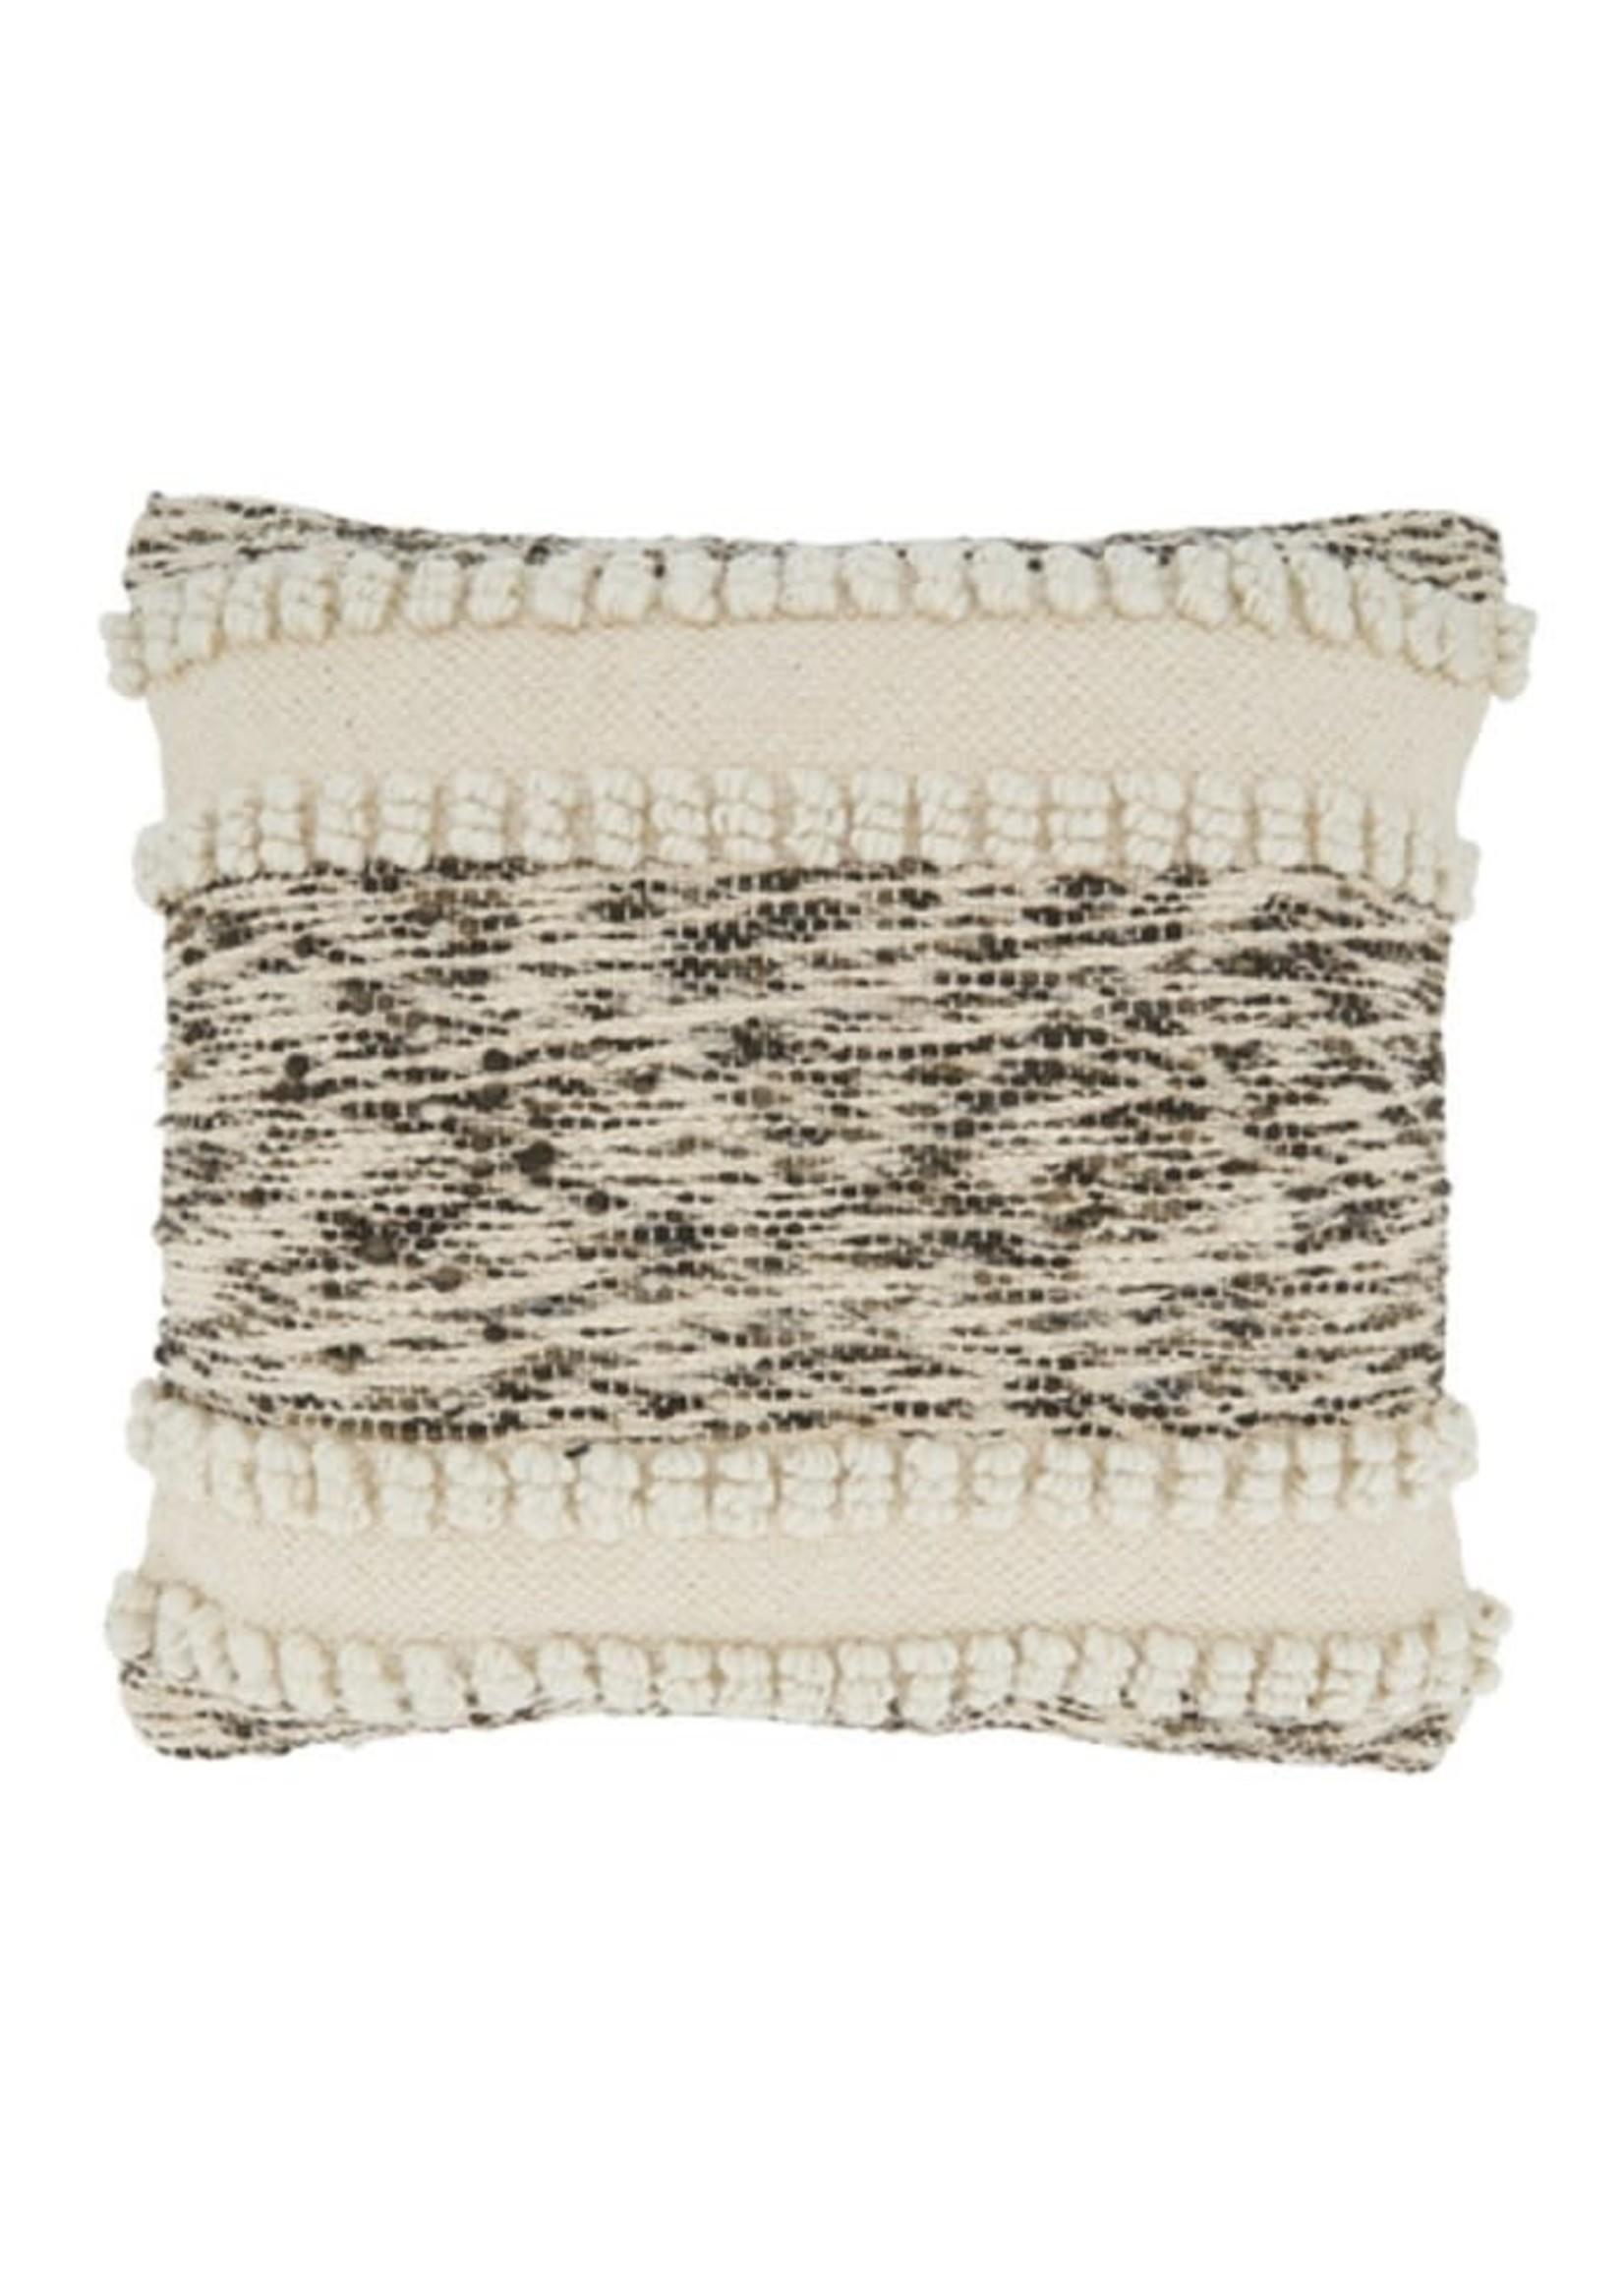 Saro SARO Woven Textured Pillow Down Filled - Ivory